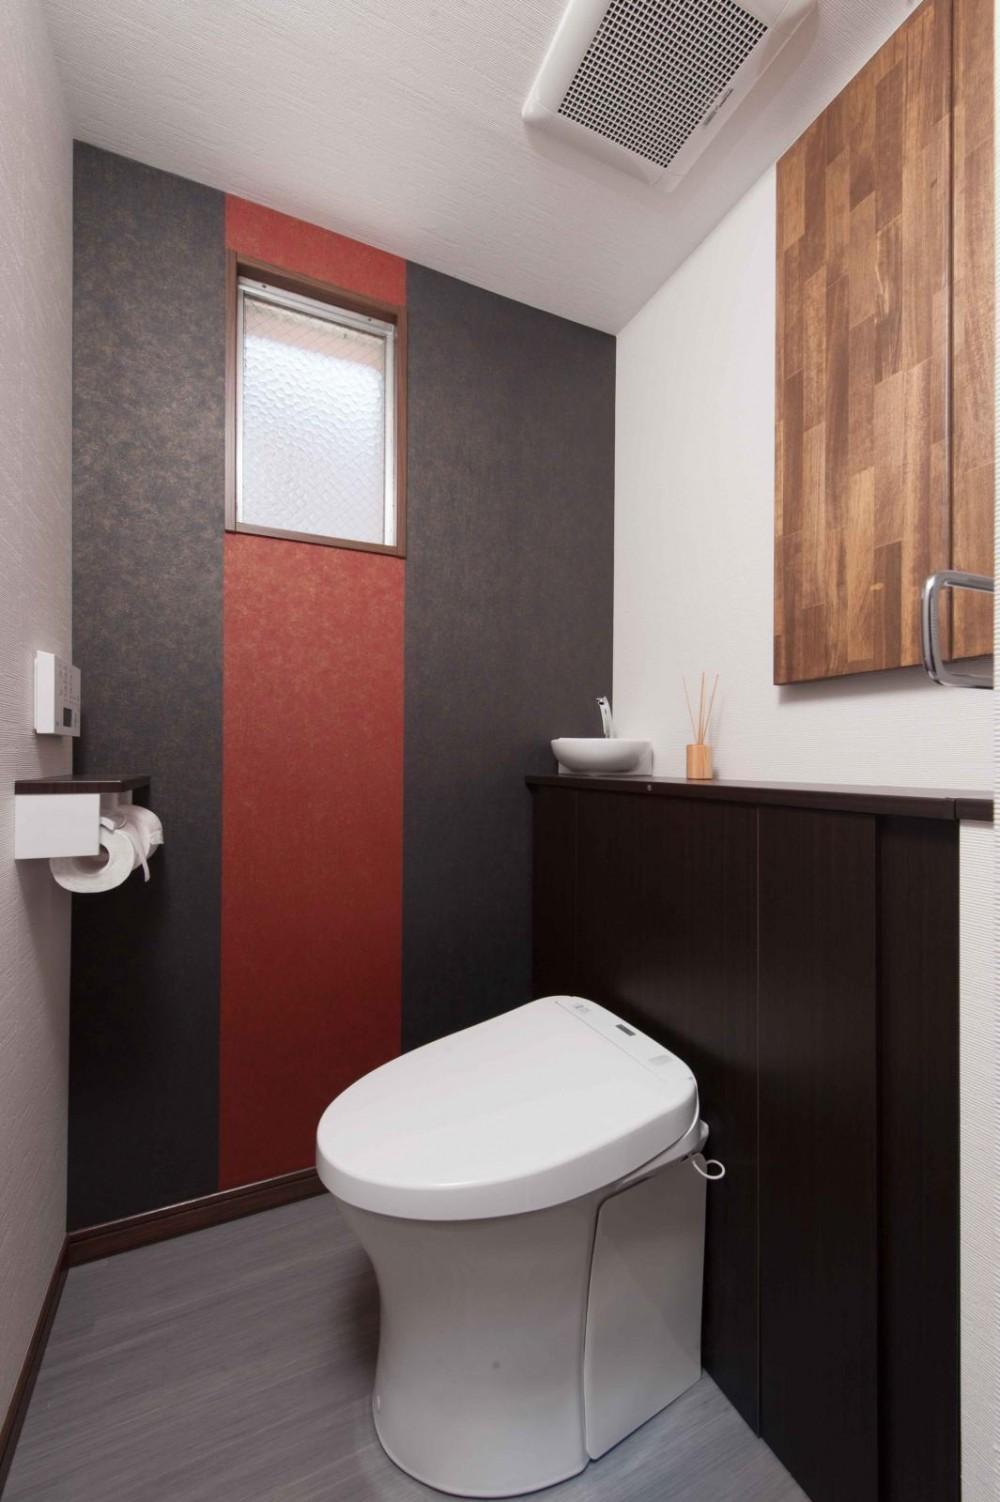 マンションとは思えない開放感。デザイン性重視で全面改装 (トイレ)